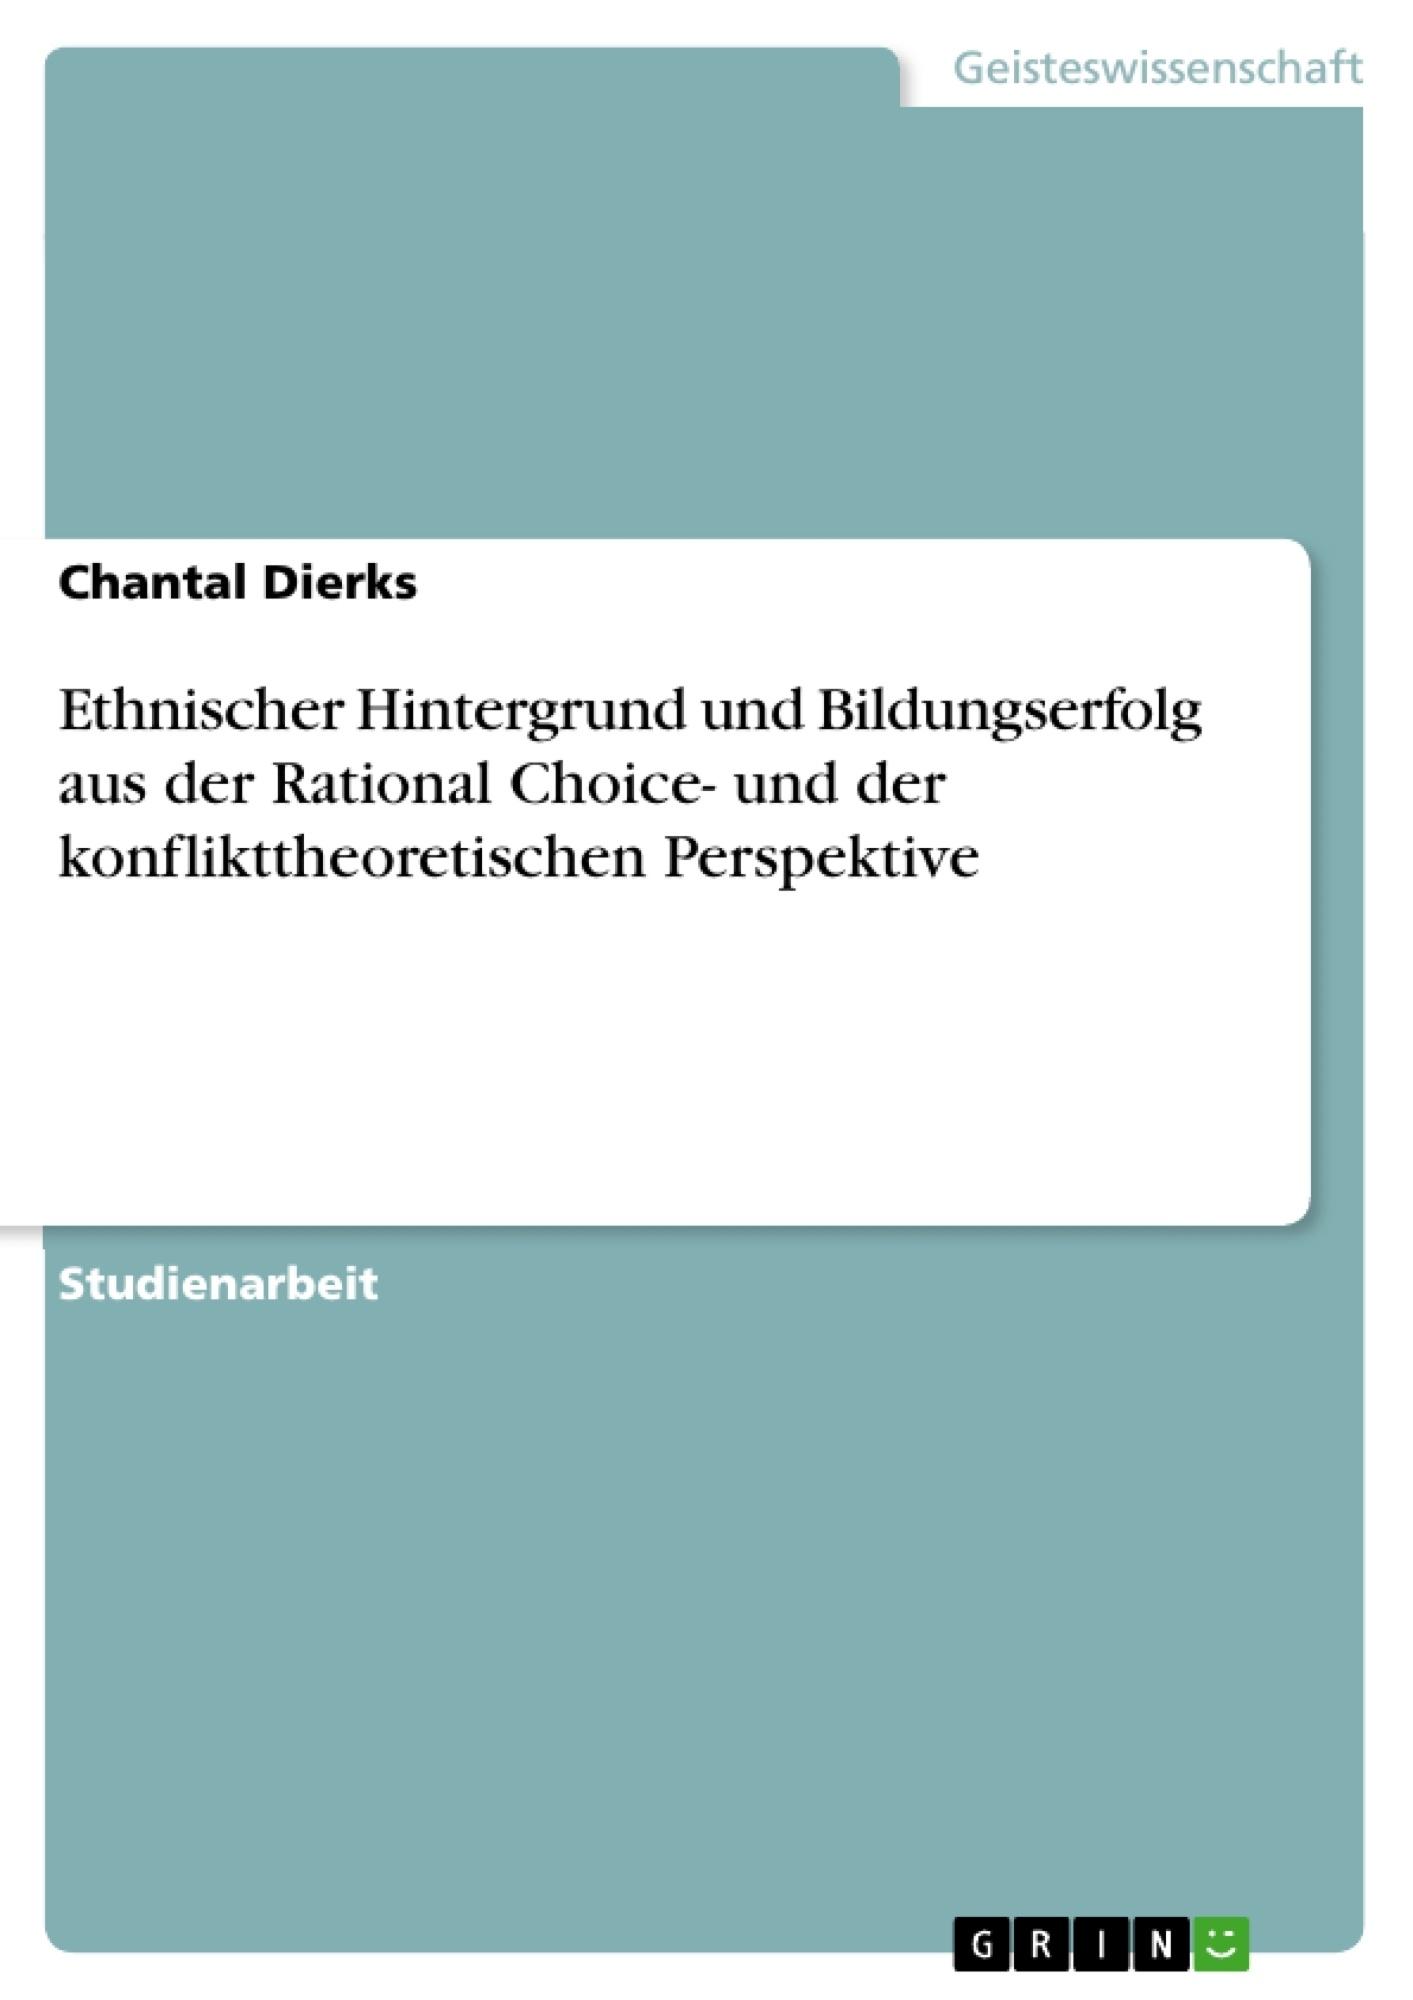 Titel: Ethnischer Hintergrund und Bildungserfolg aus der Rational Choice- und der konflikttheoretischen Perspektive